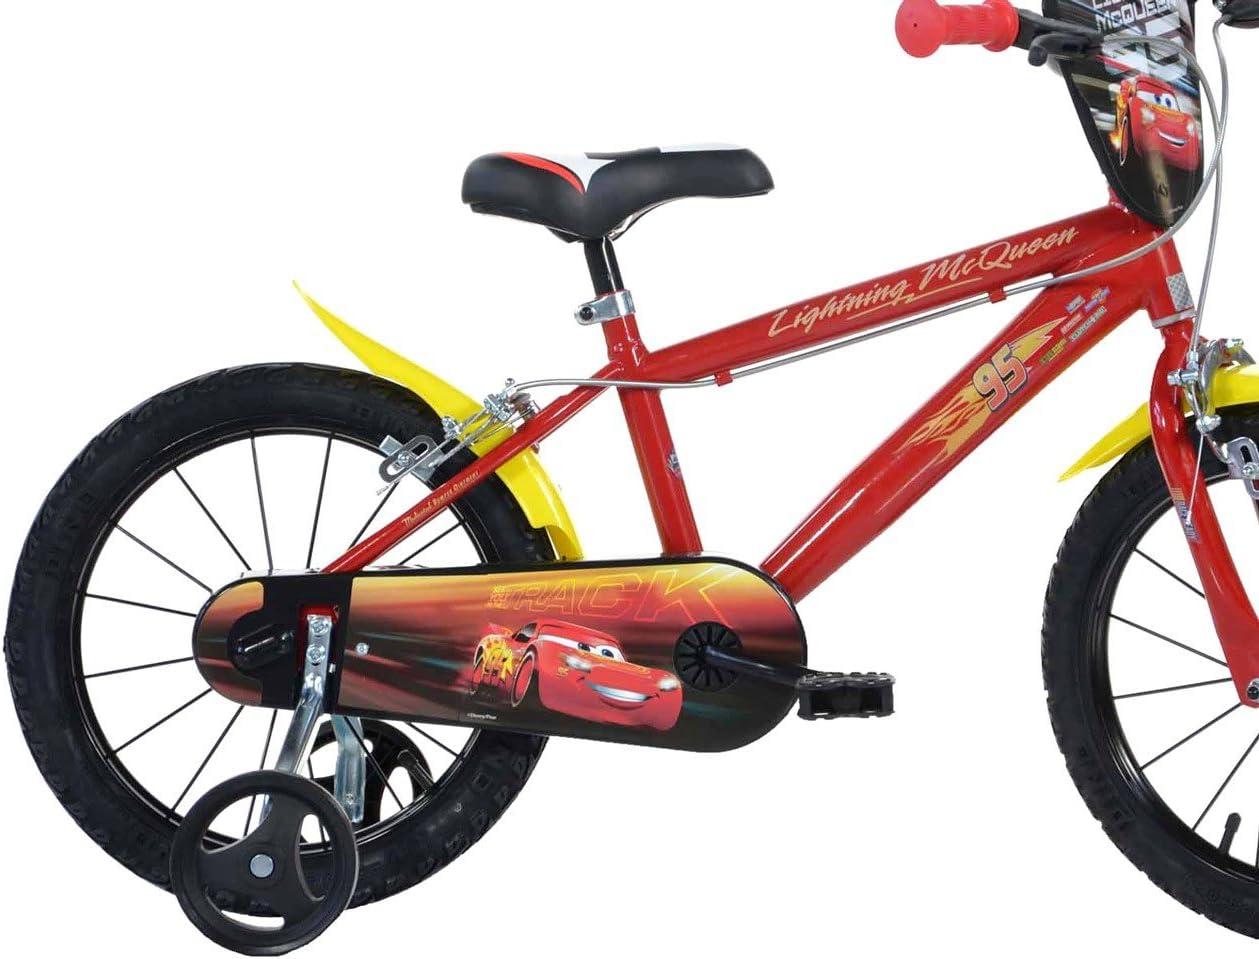 Mediawave Store Bicicleta Niño Dino Bikes 416 ul-cs3 tamaño 16 Cars 3 Bicicletas Edad 4 – 7 años: Amazon.es: Deportes y aire libre